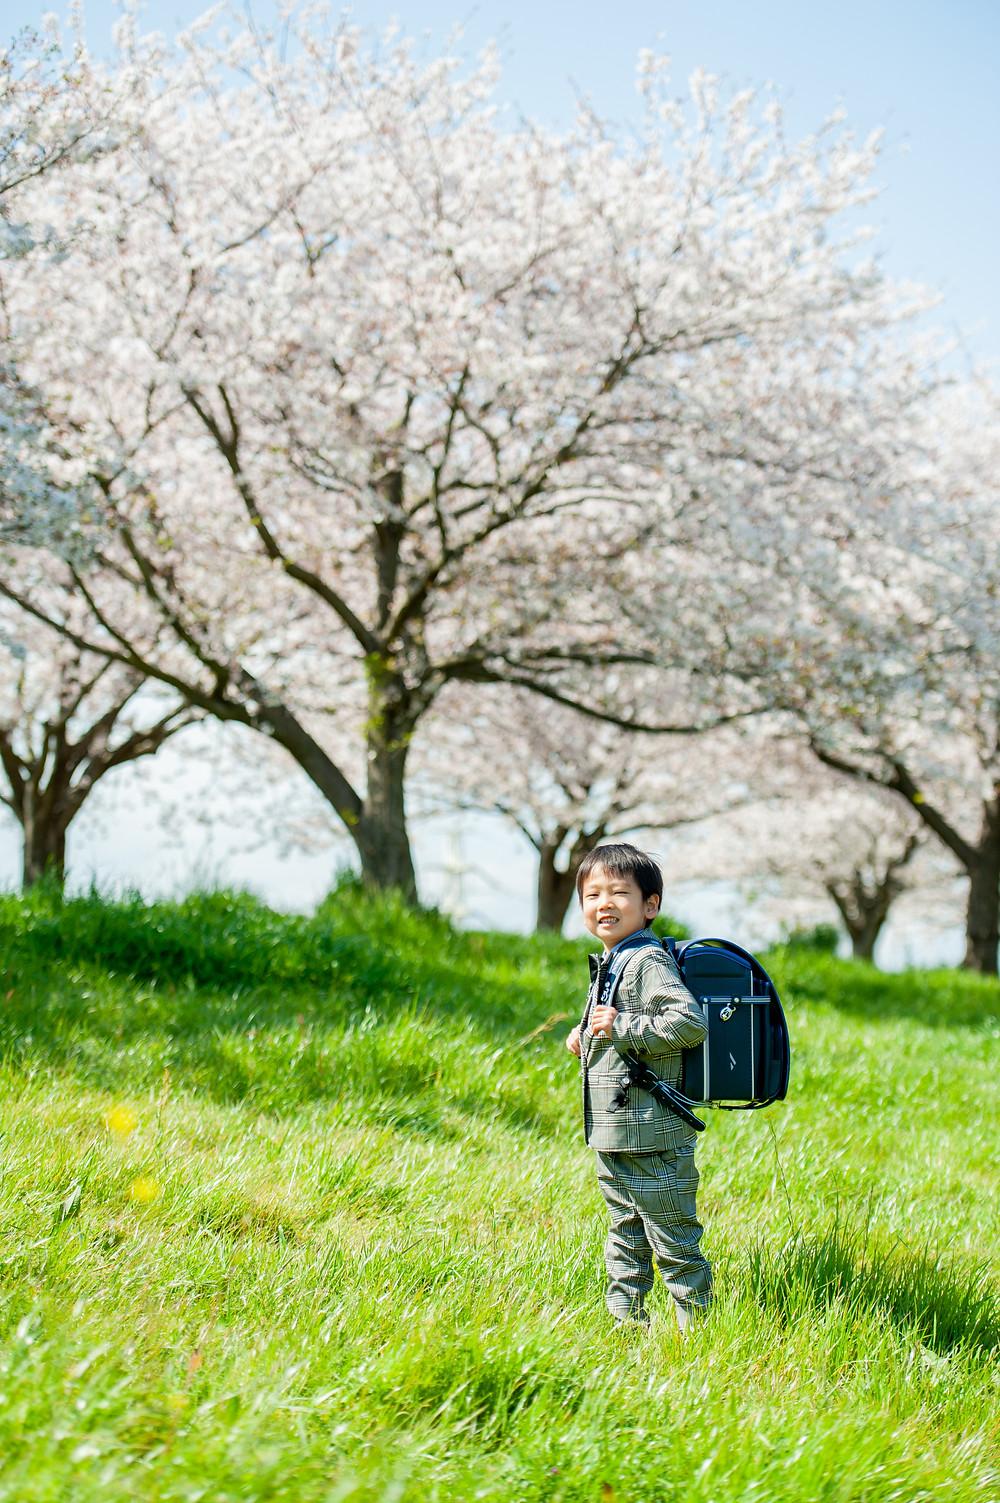 桜の咲く公園でポーズする男の子